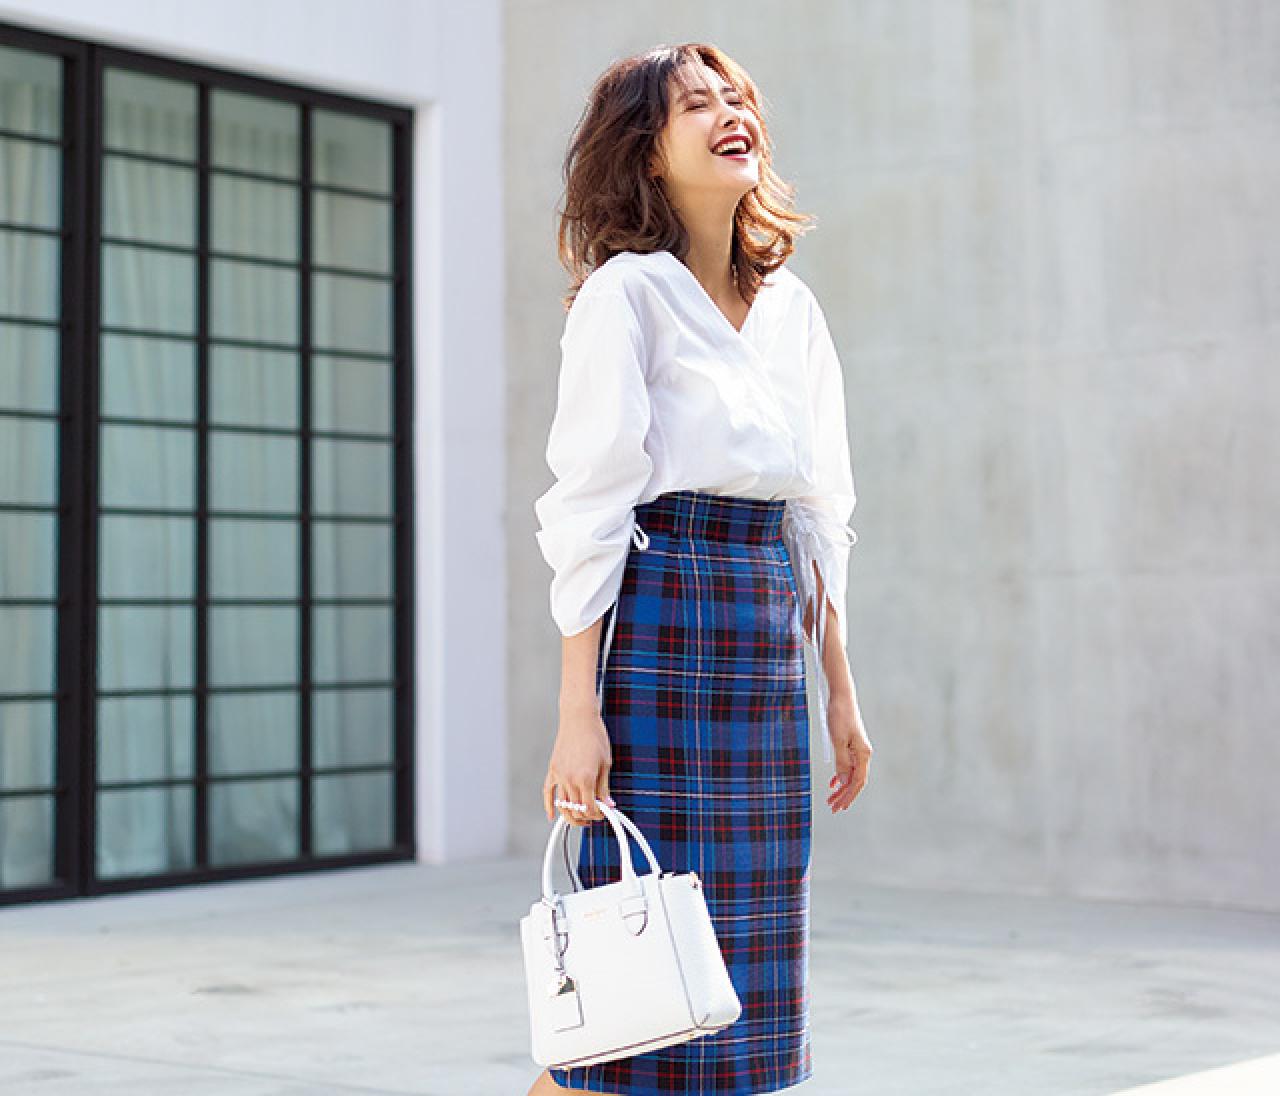 さわやかで女らしい♡ 初夏らしいブルー&ホワイトのスカートコーデ【2018/5/11のコーデ】